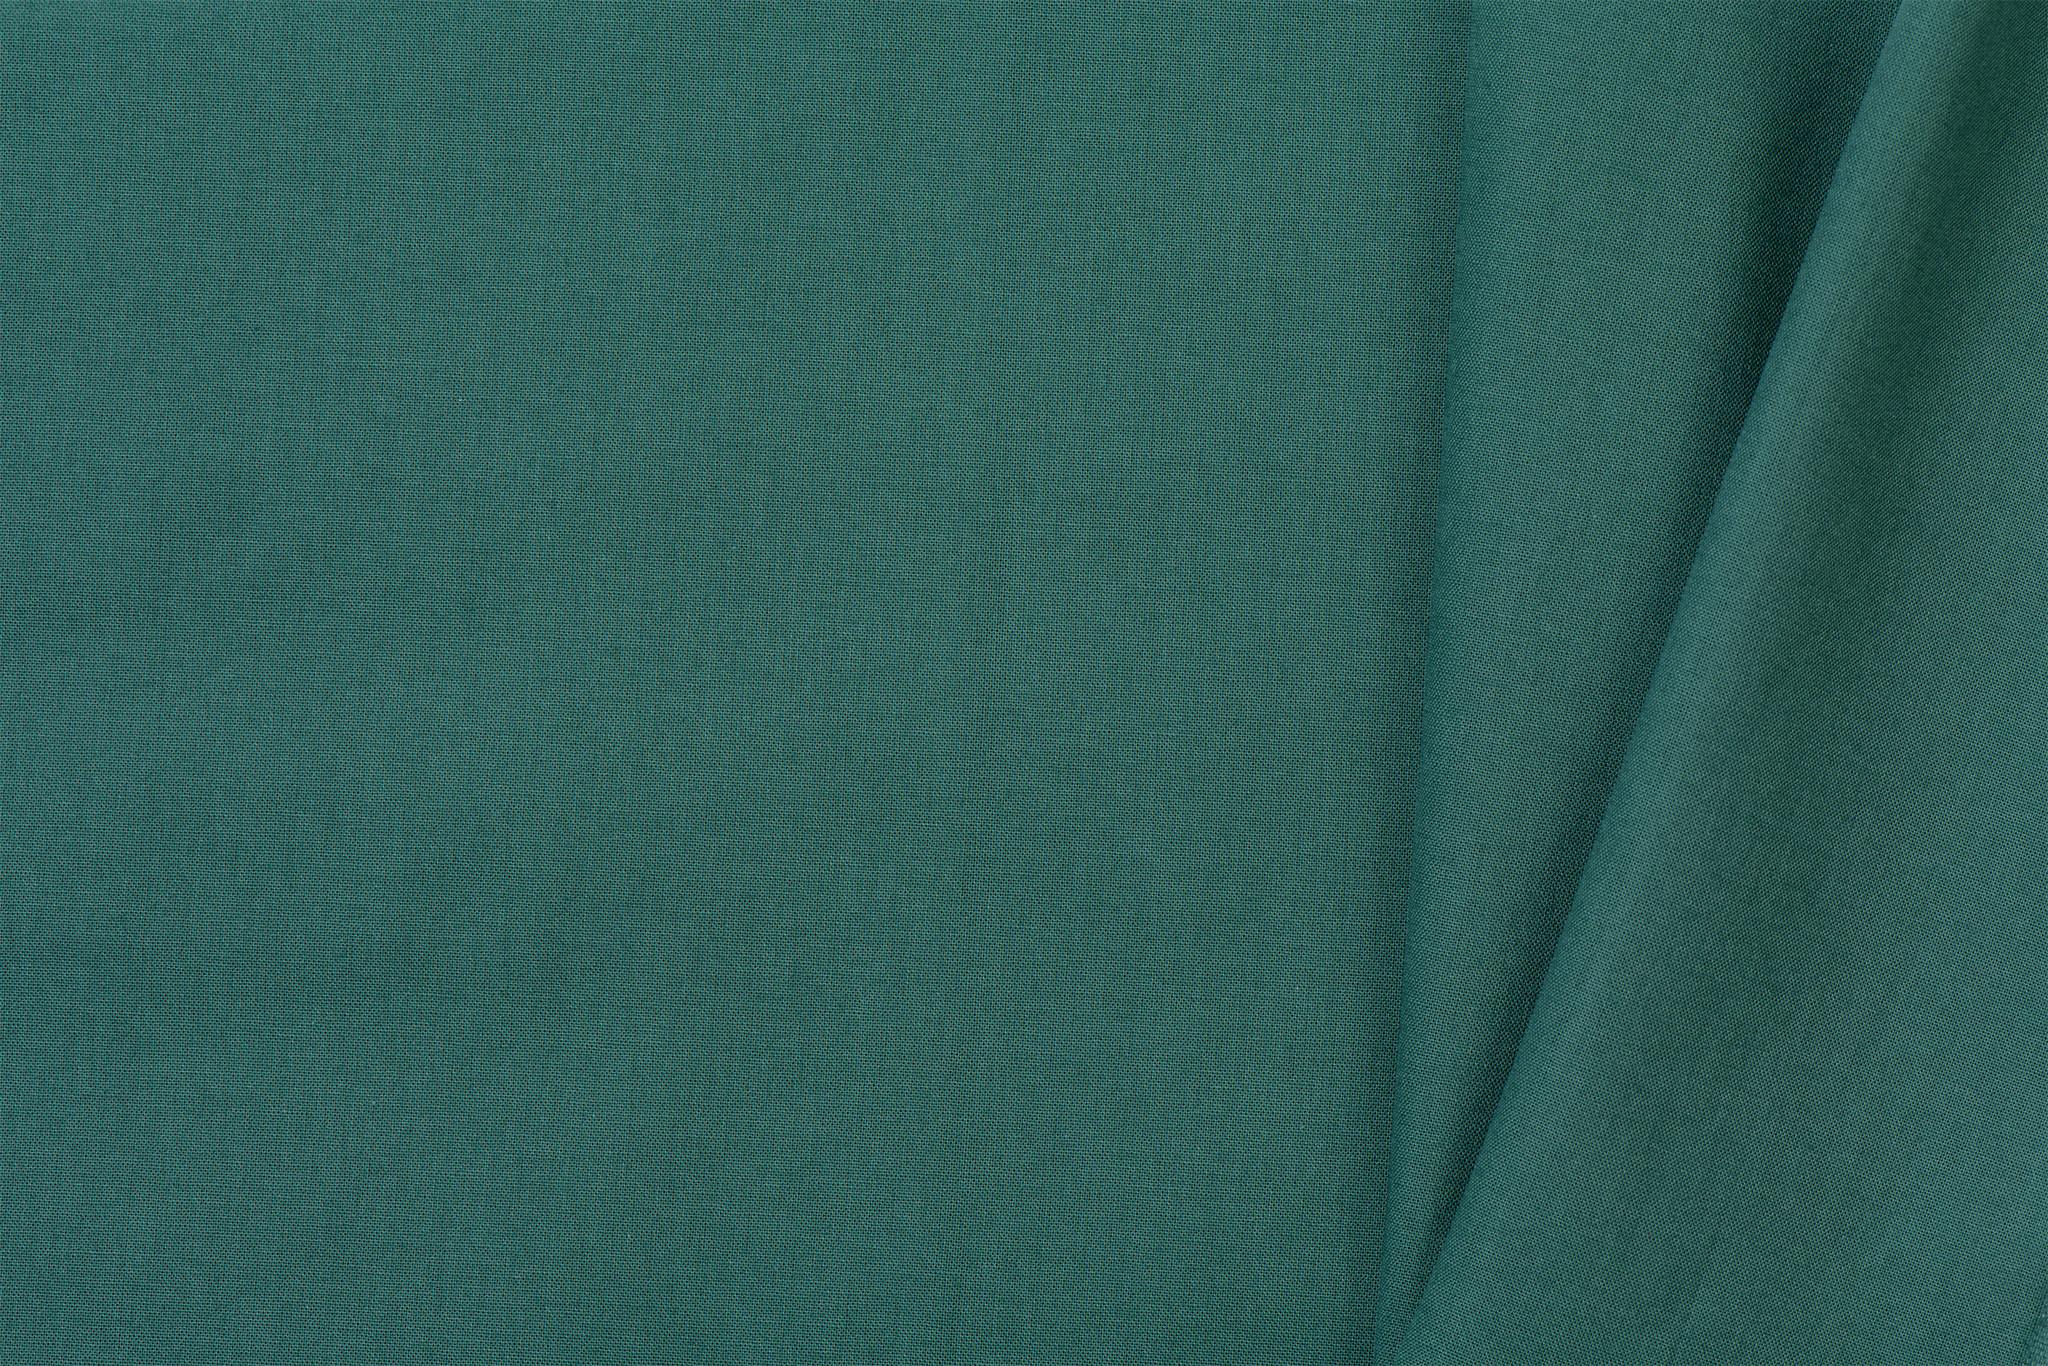 Uni katoen stof Emerald / Jade